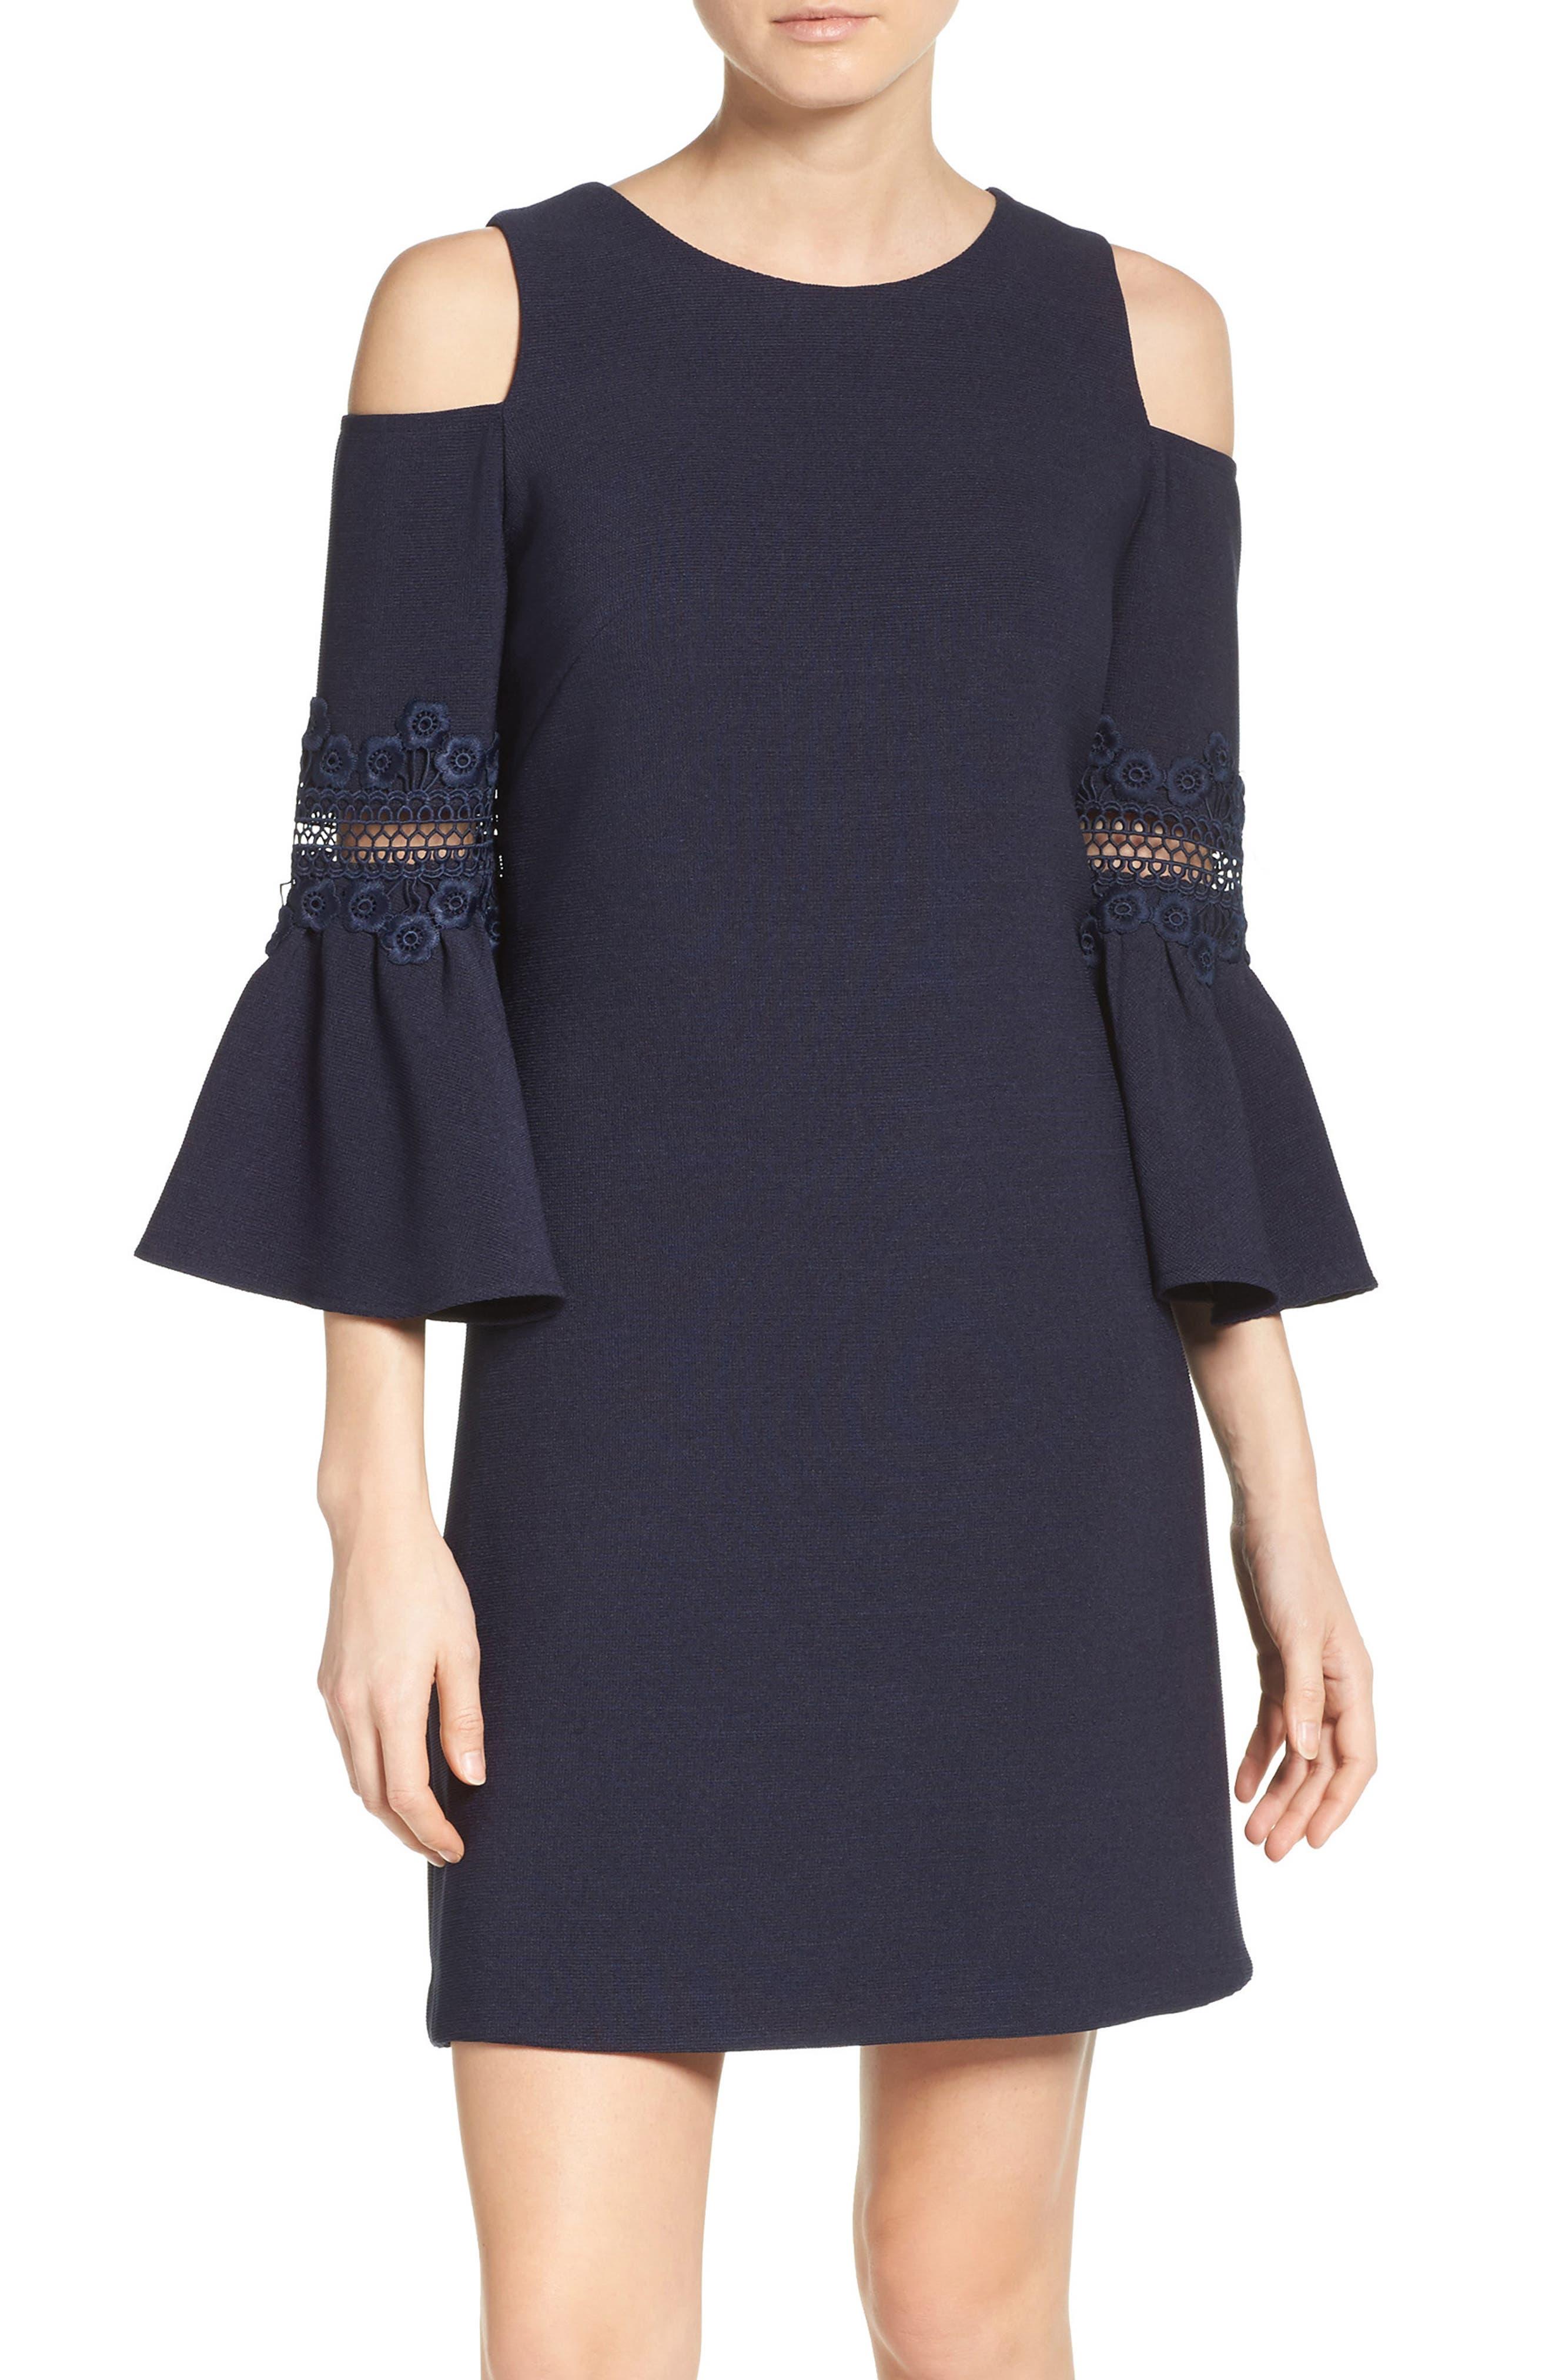 LACE APPLIQUE CREPE COLD SHOULDER DRESS